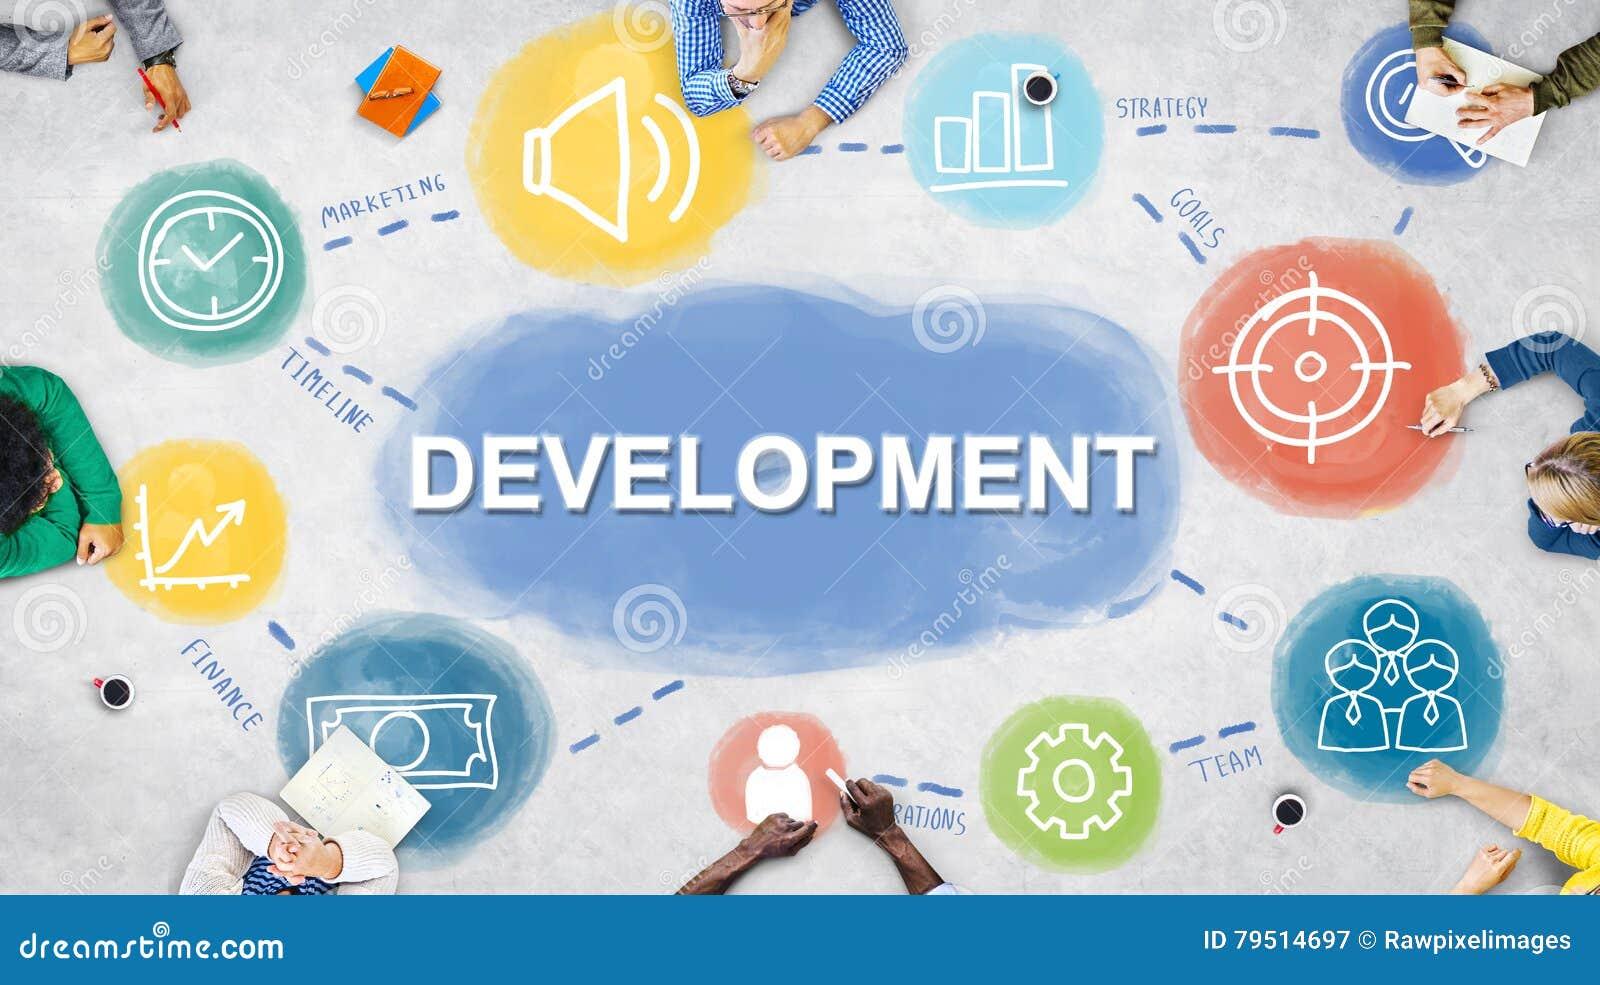 Концепция процедурам по развития достижения бизнес-плана